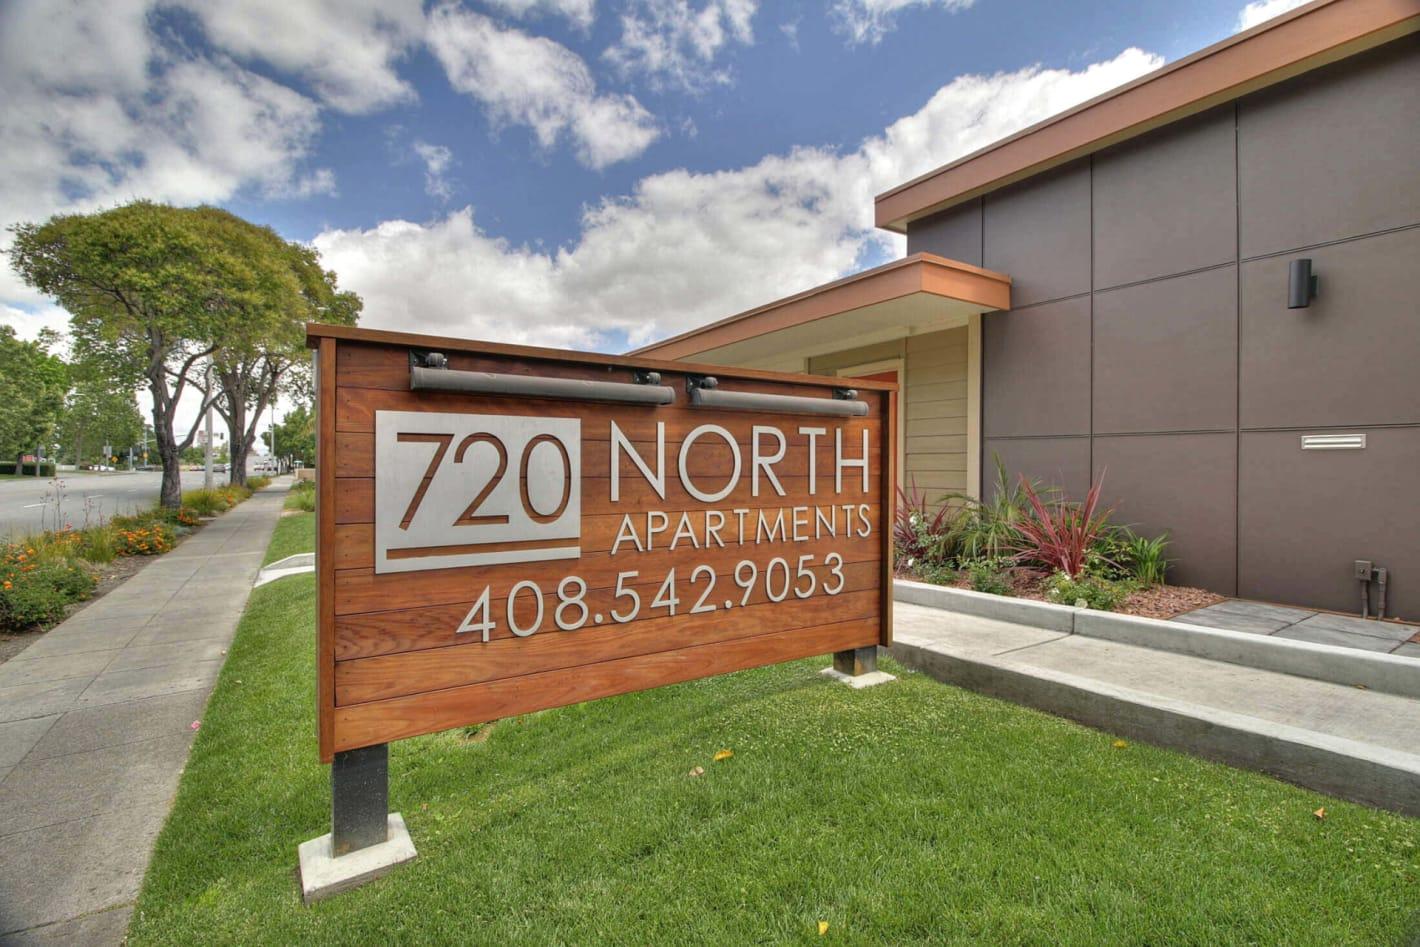 720 North Apartments sign at entrance, CA